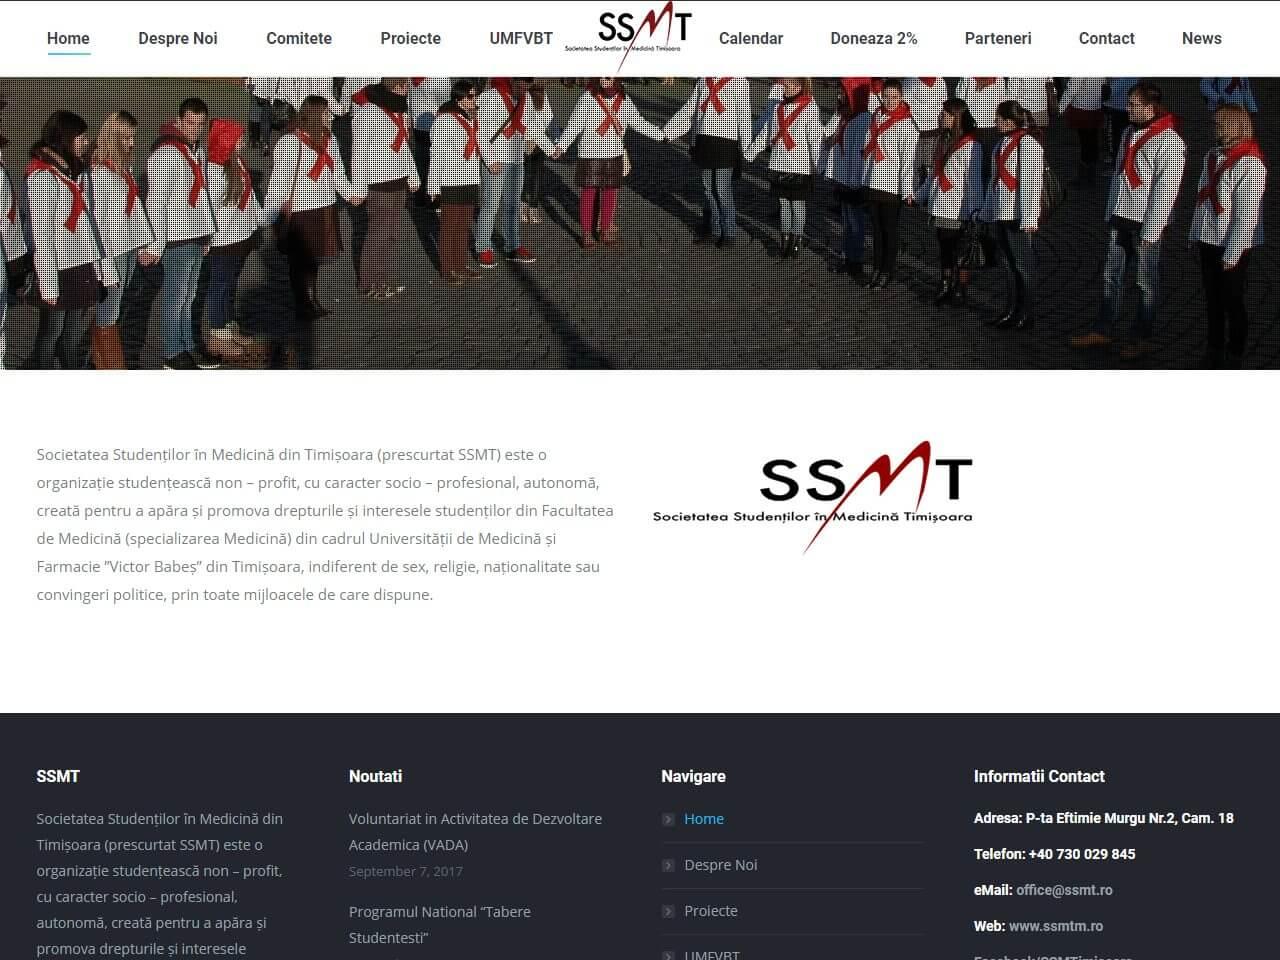 optimizare seo agentie web design timisoara ssmt